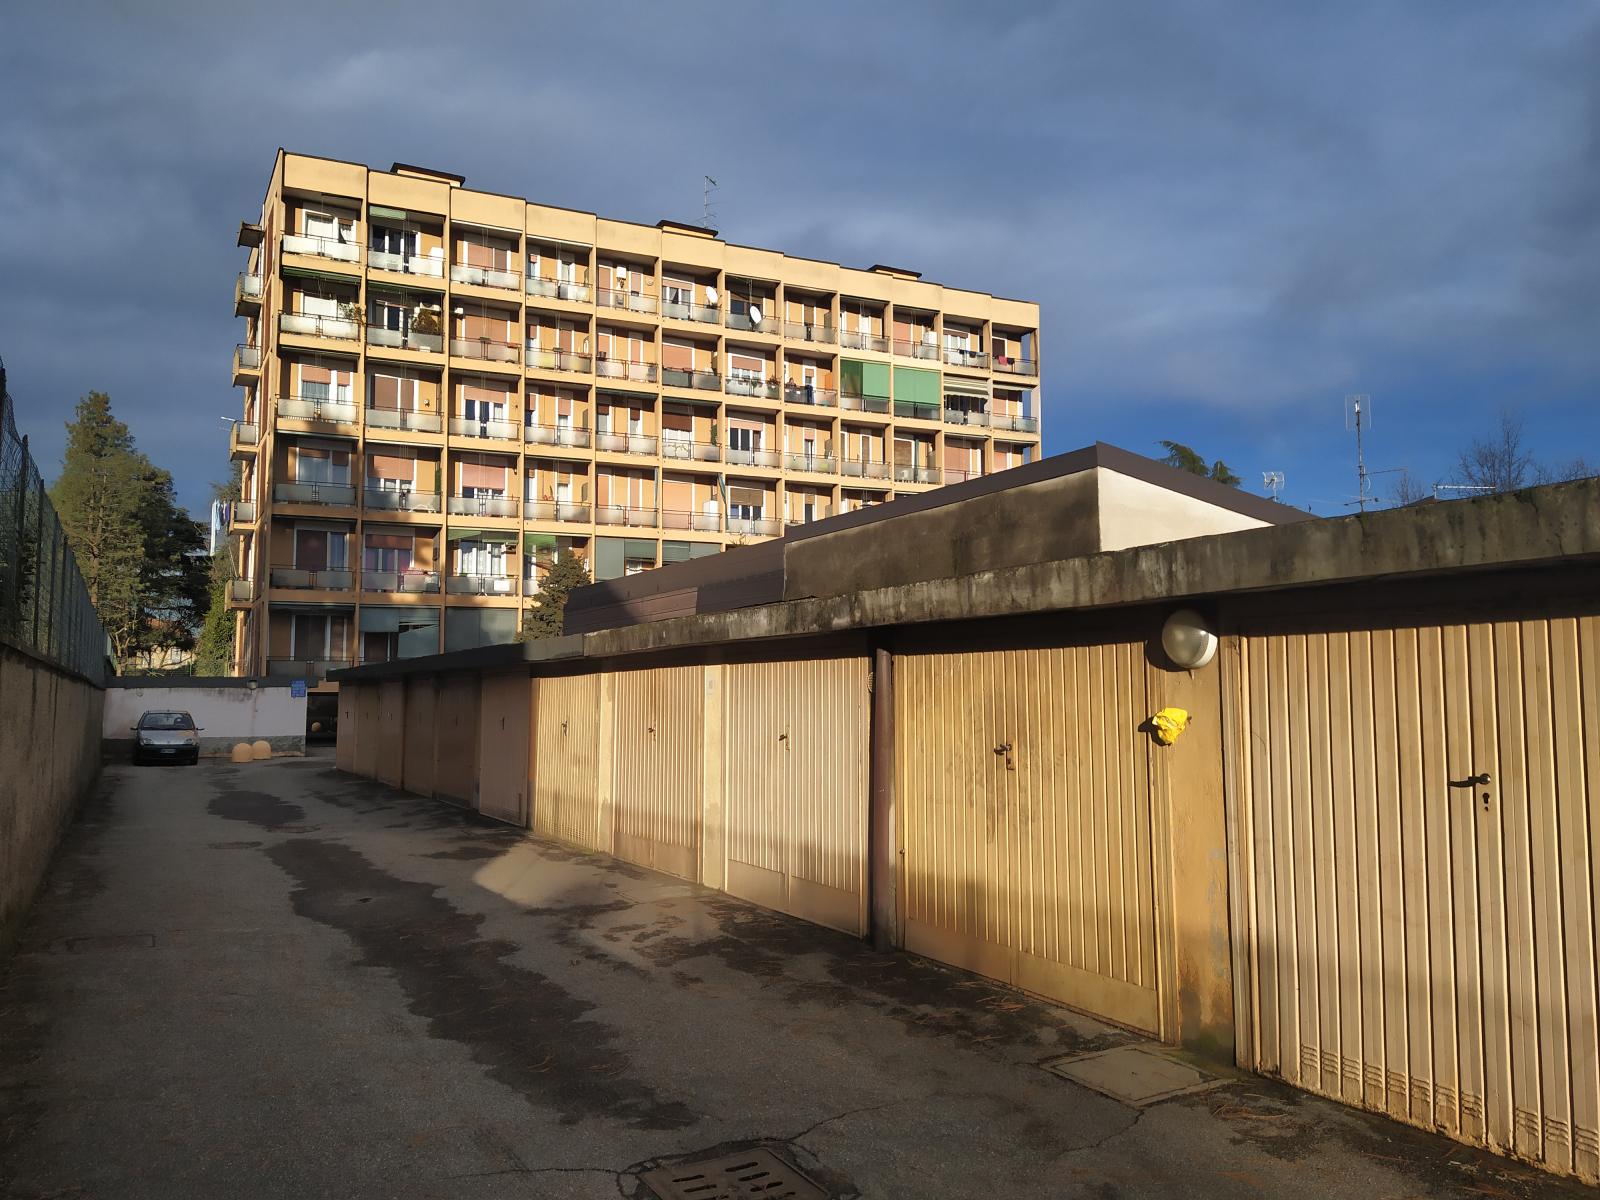 casa-a-magenta-due-locali-box-spaziourbano-immobiliare-real-estate-agenzia-immobiliare-2